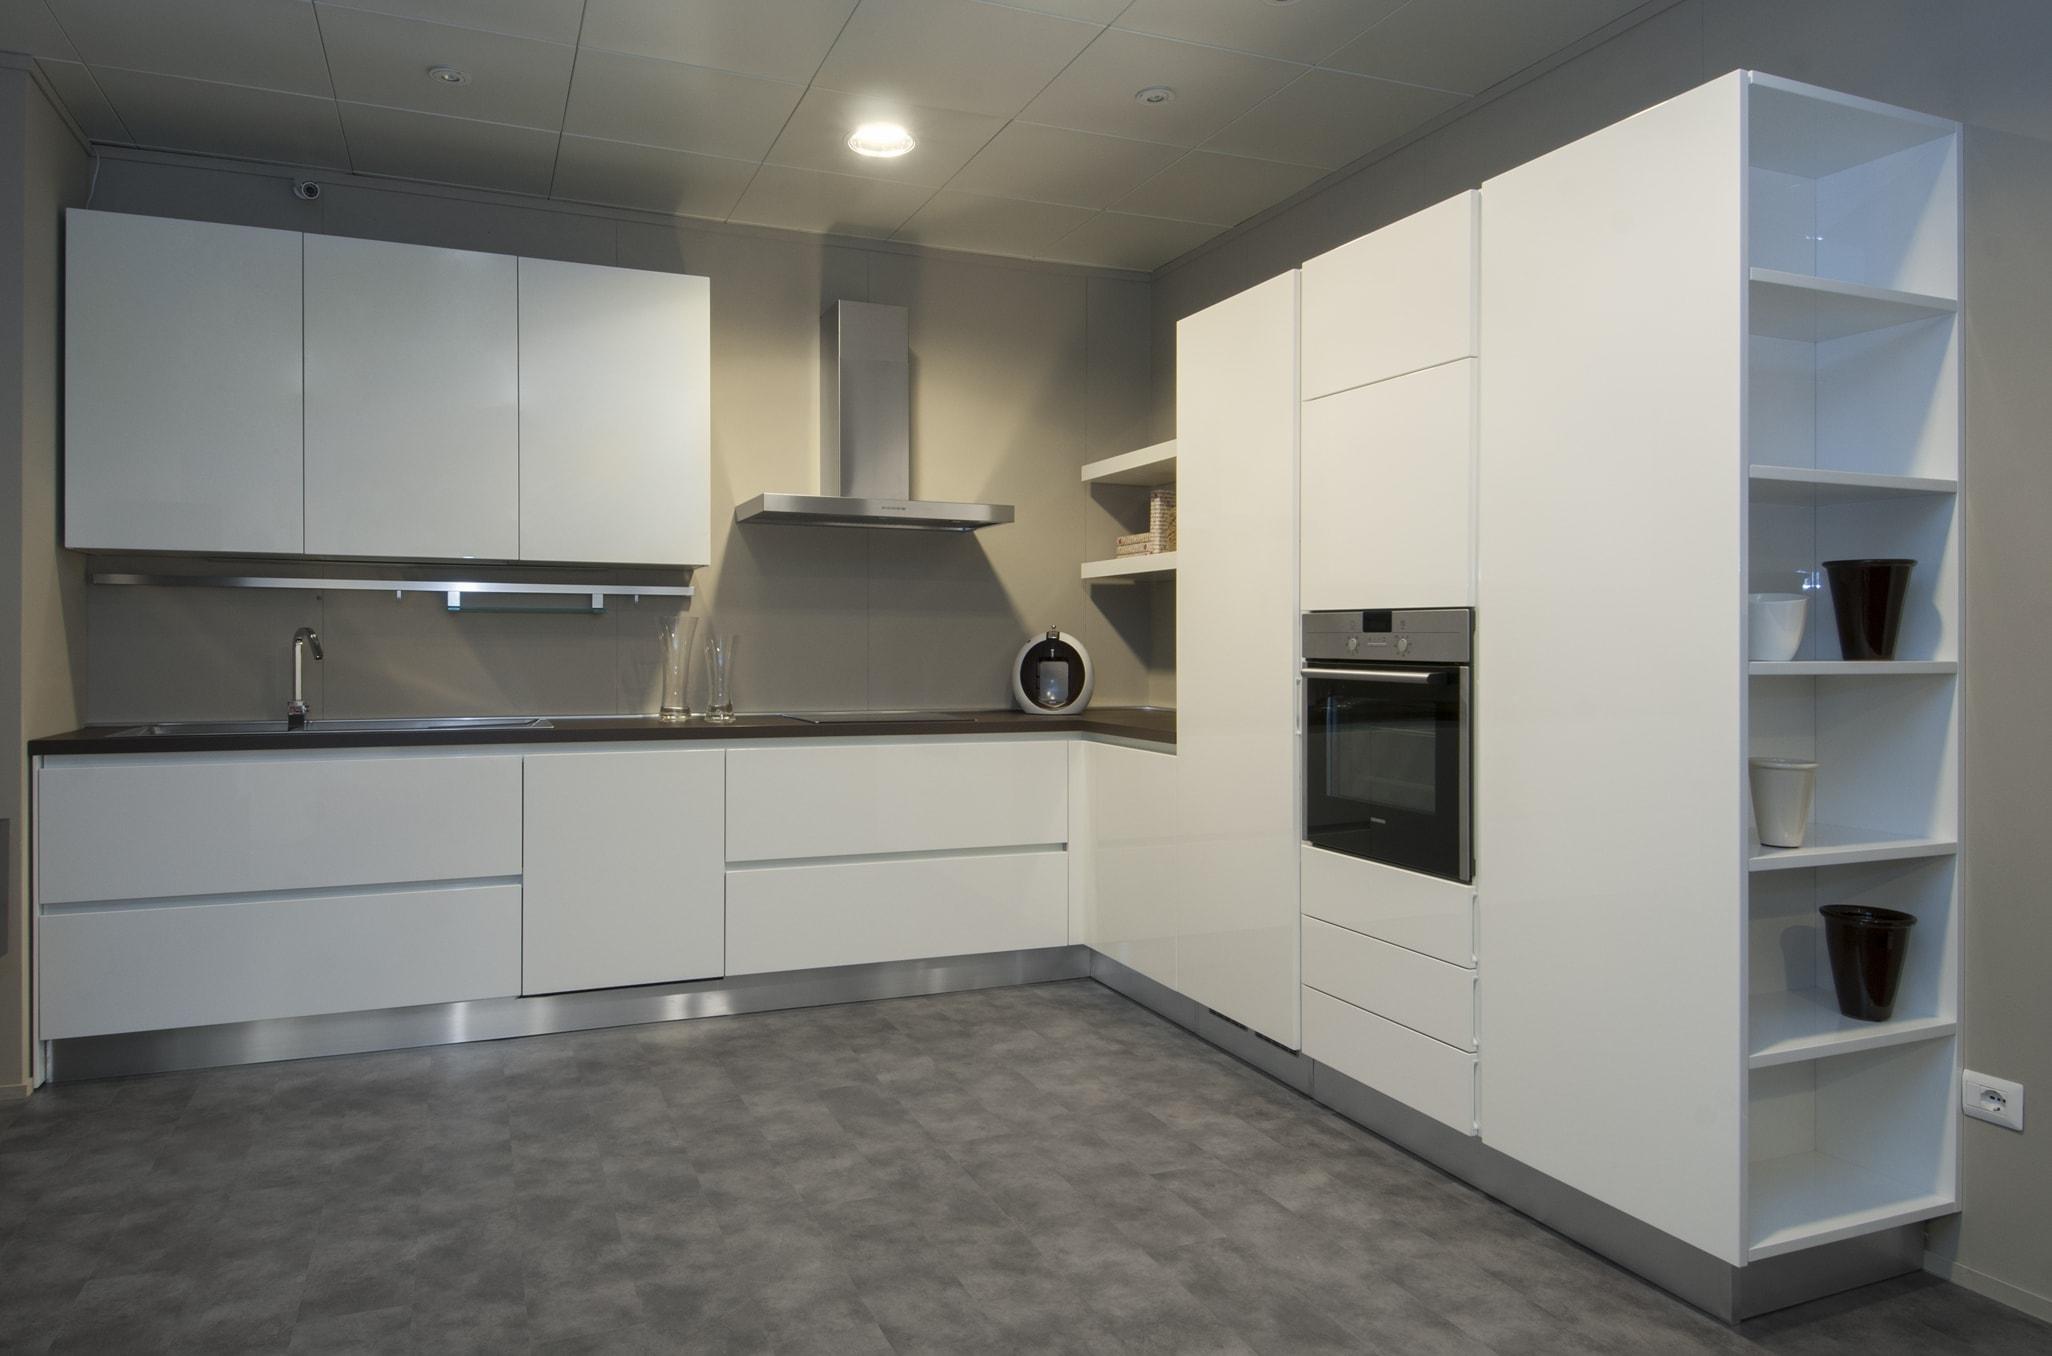 Berloni cucine cucina b50 design laccato lucido bianca cucine a prezzi scontati - Prezzi cucine berloni ...